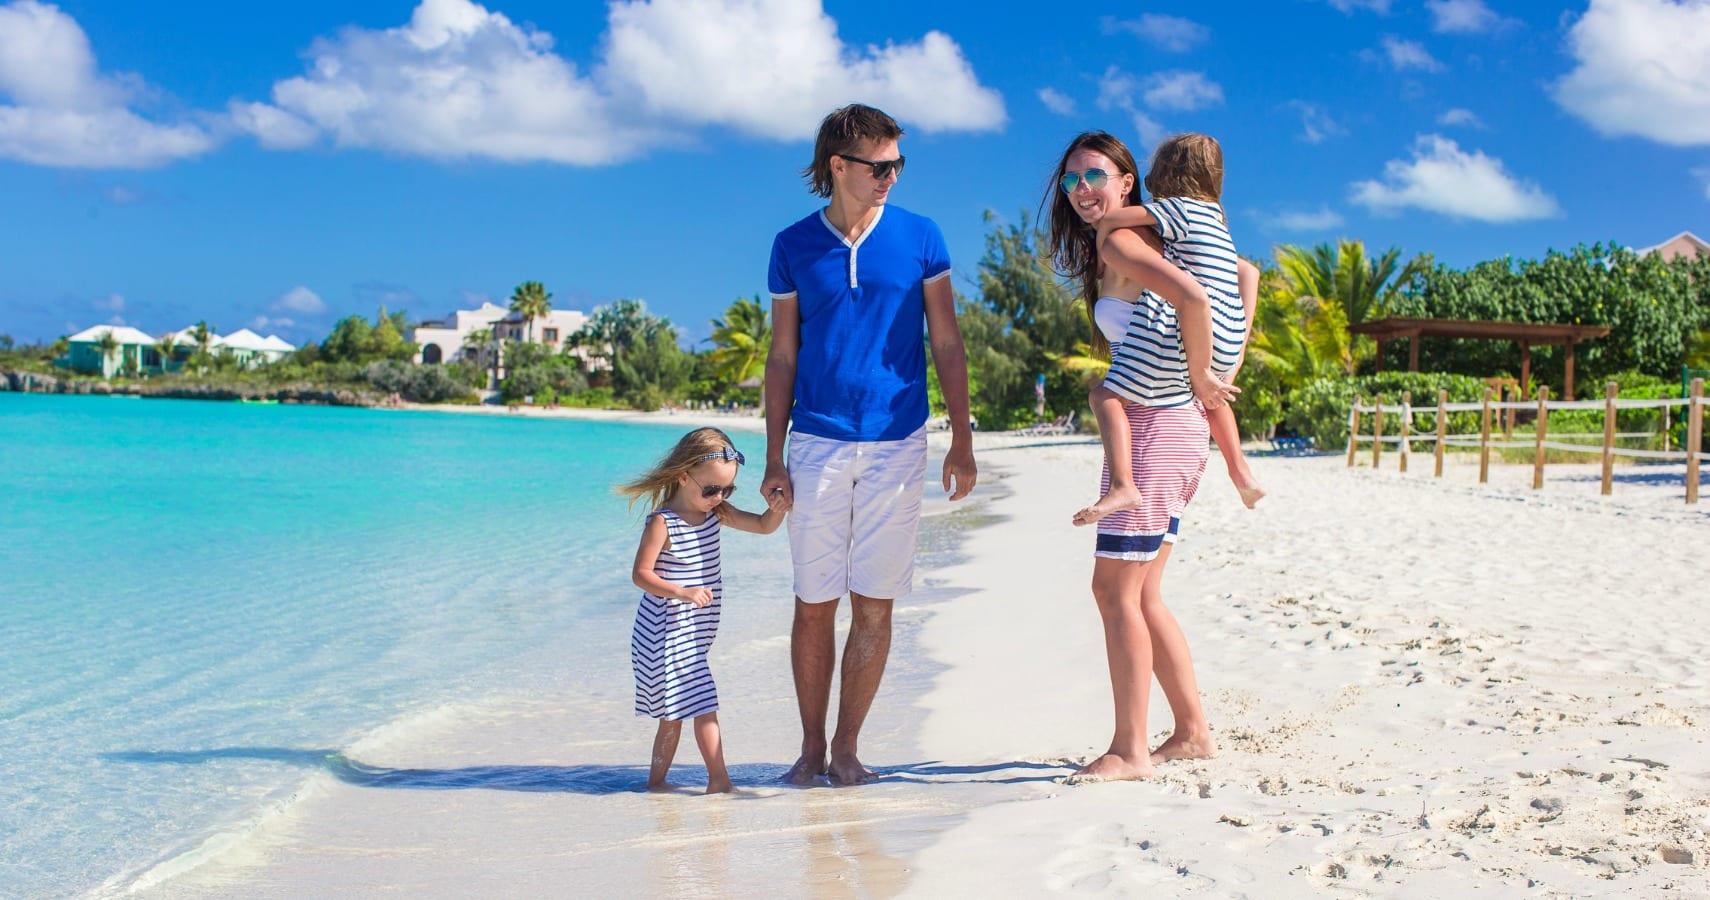 family-friendly caribbean resorts